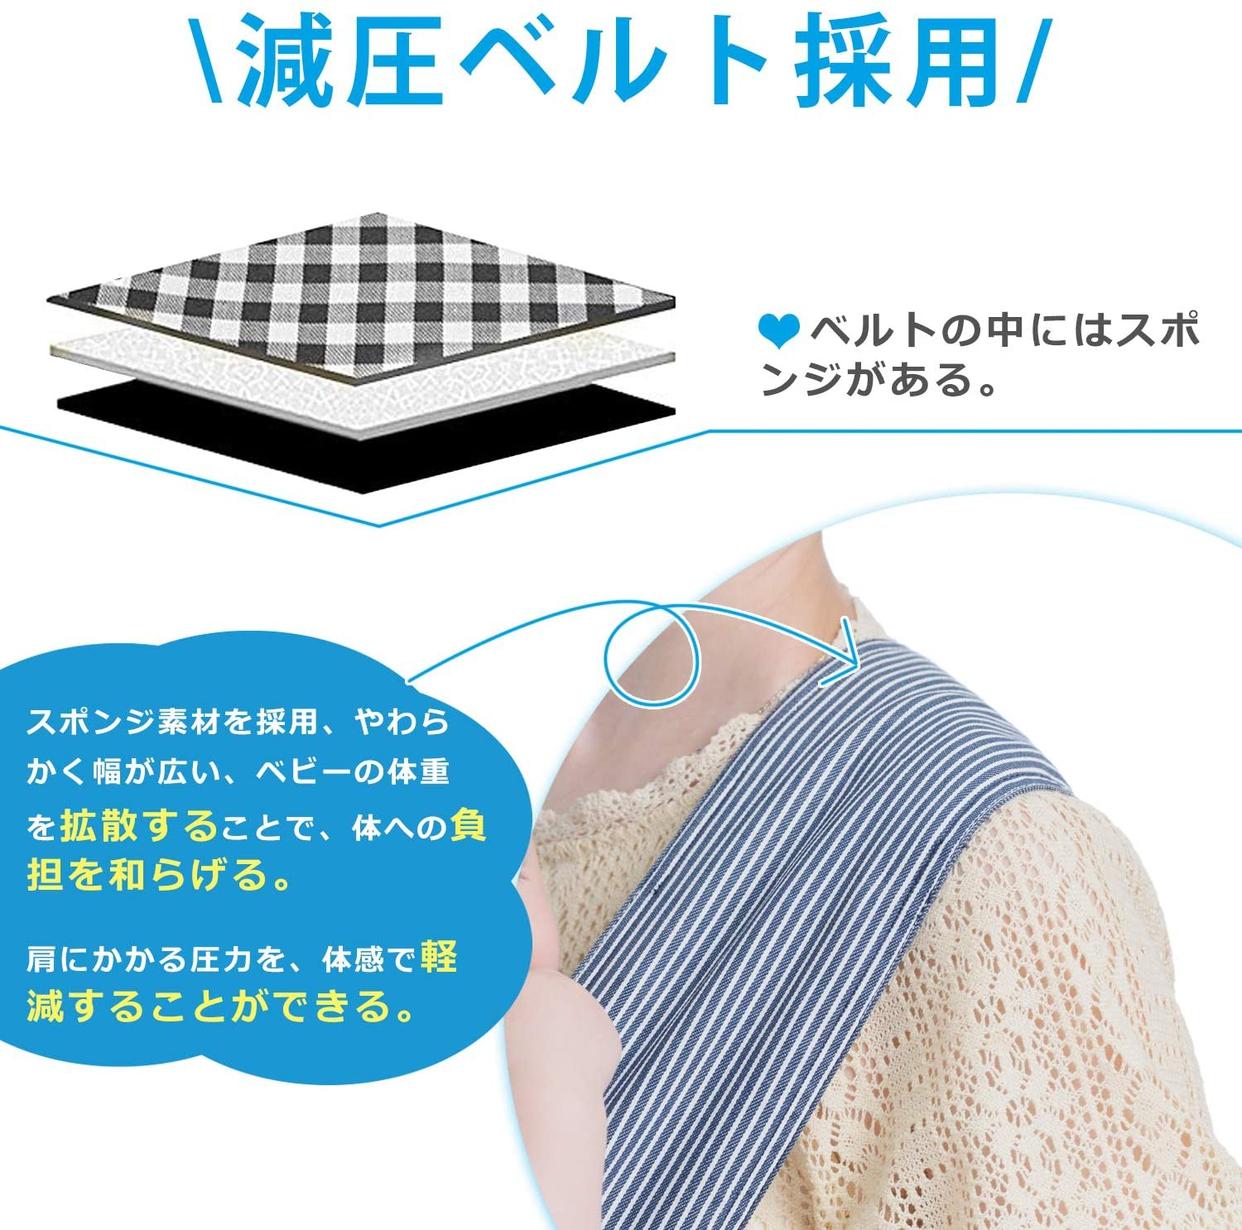 TWONE(ツォン) 抱っこひもの商品画像4